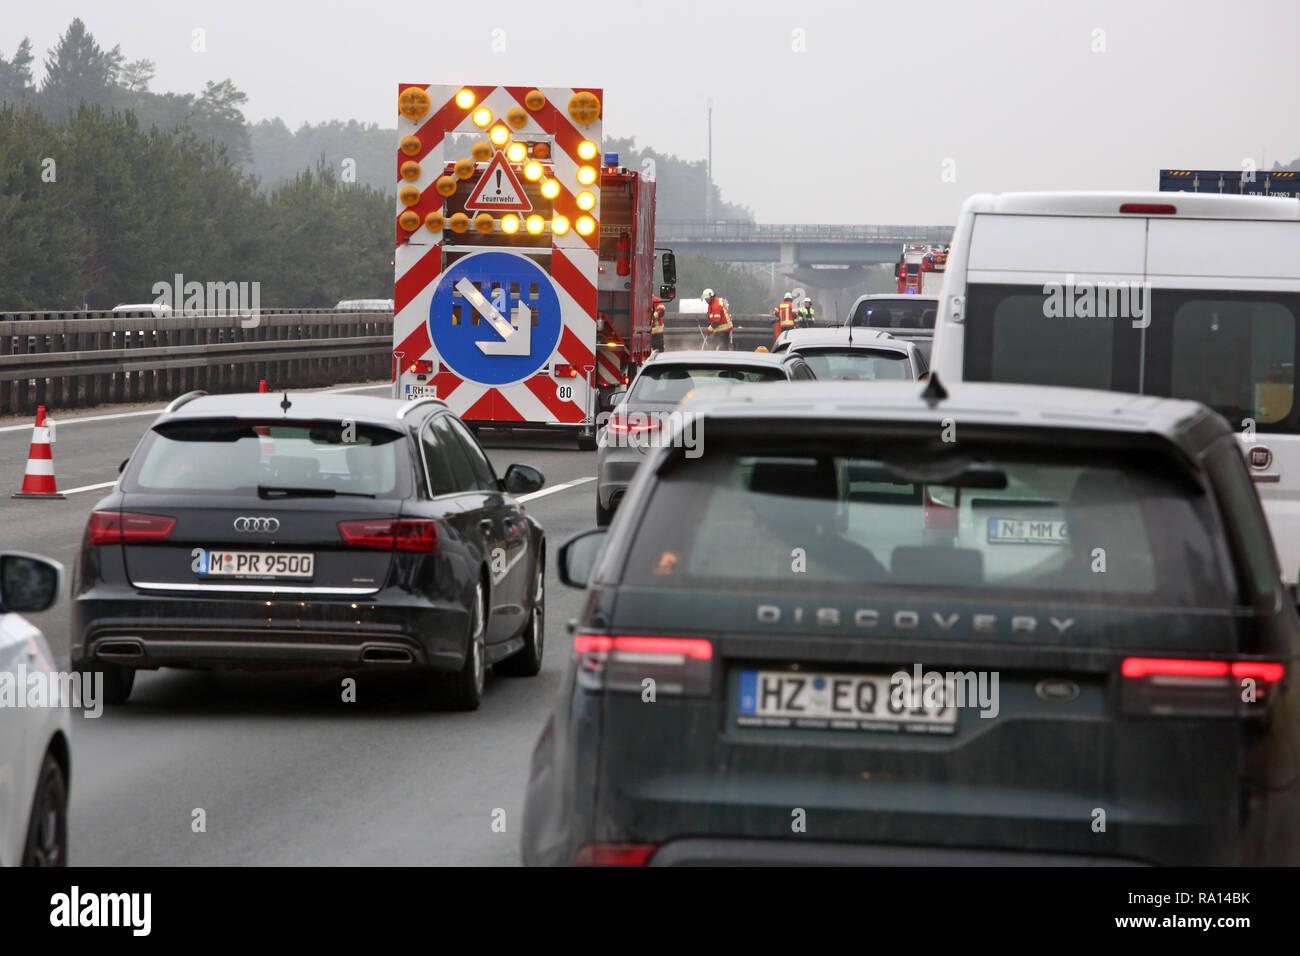 10.02.2018, Bayern, Deutschland, Sperrung Allersberg, der Ueberholspur auf der A9 aufgrund der Beseitigung einer Oelspur. 00S180210D114CARO.JPG [Model Foto de stock